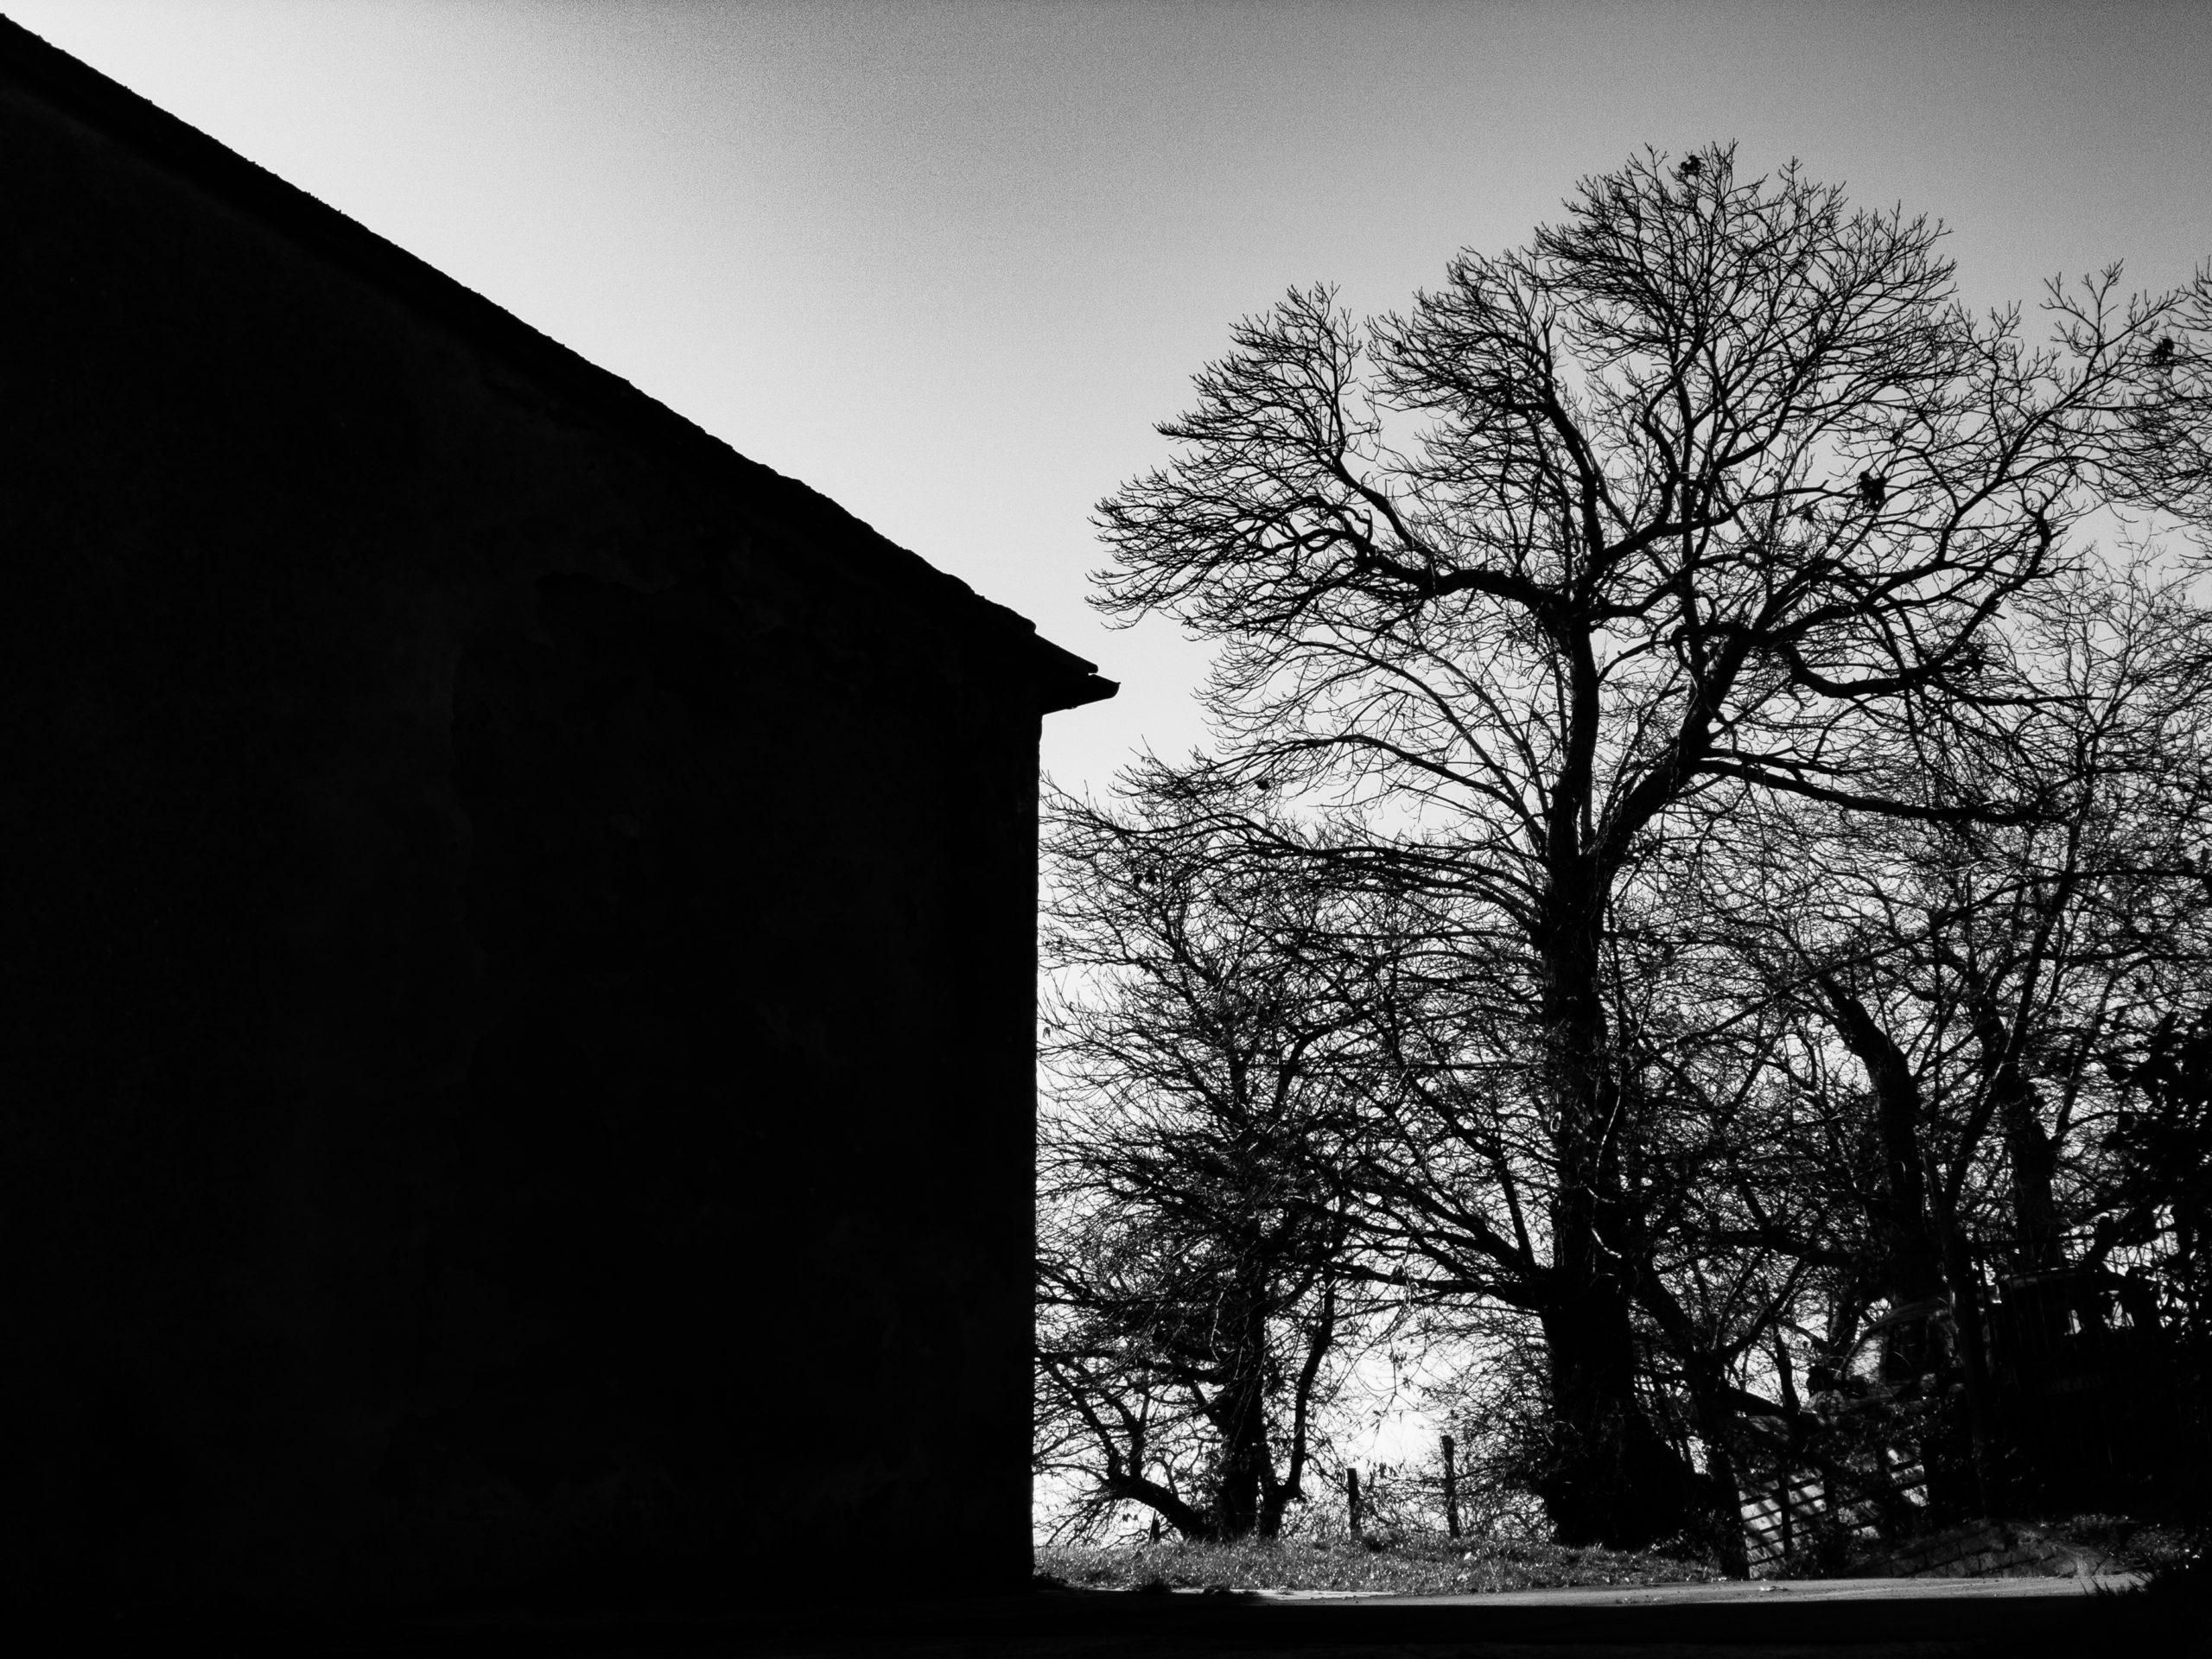 video emozionali: nell'immagine la sagoma di una casa e di un albero